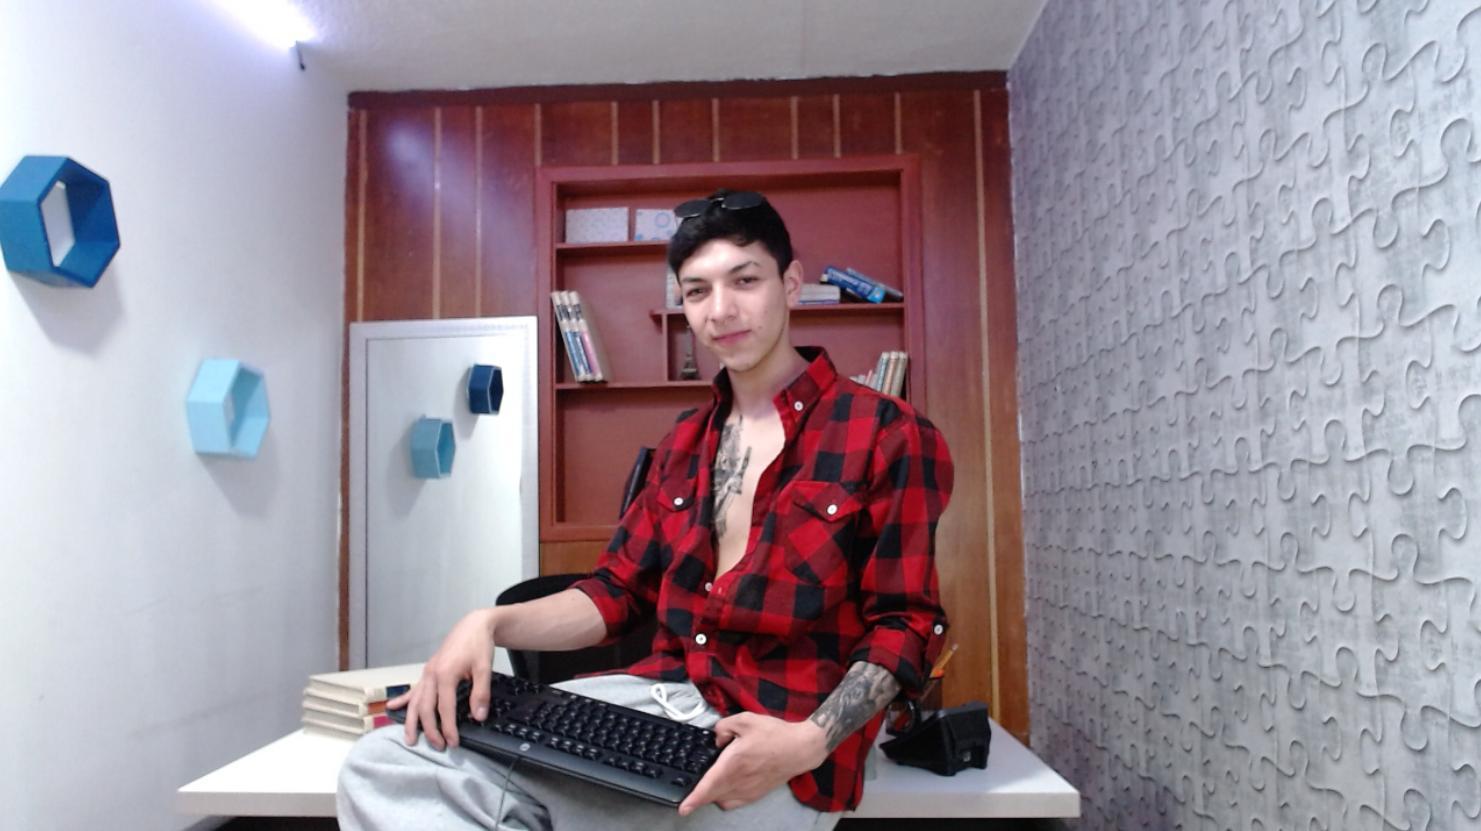 tyson_teixeiro live cam on Cam4.com